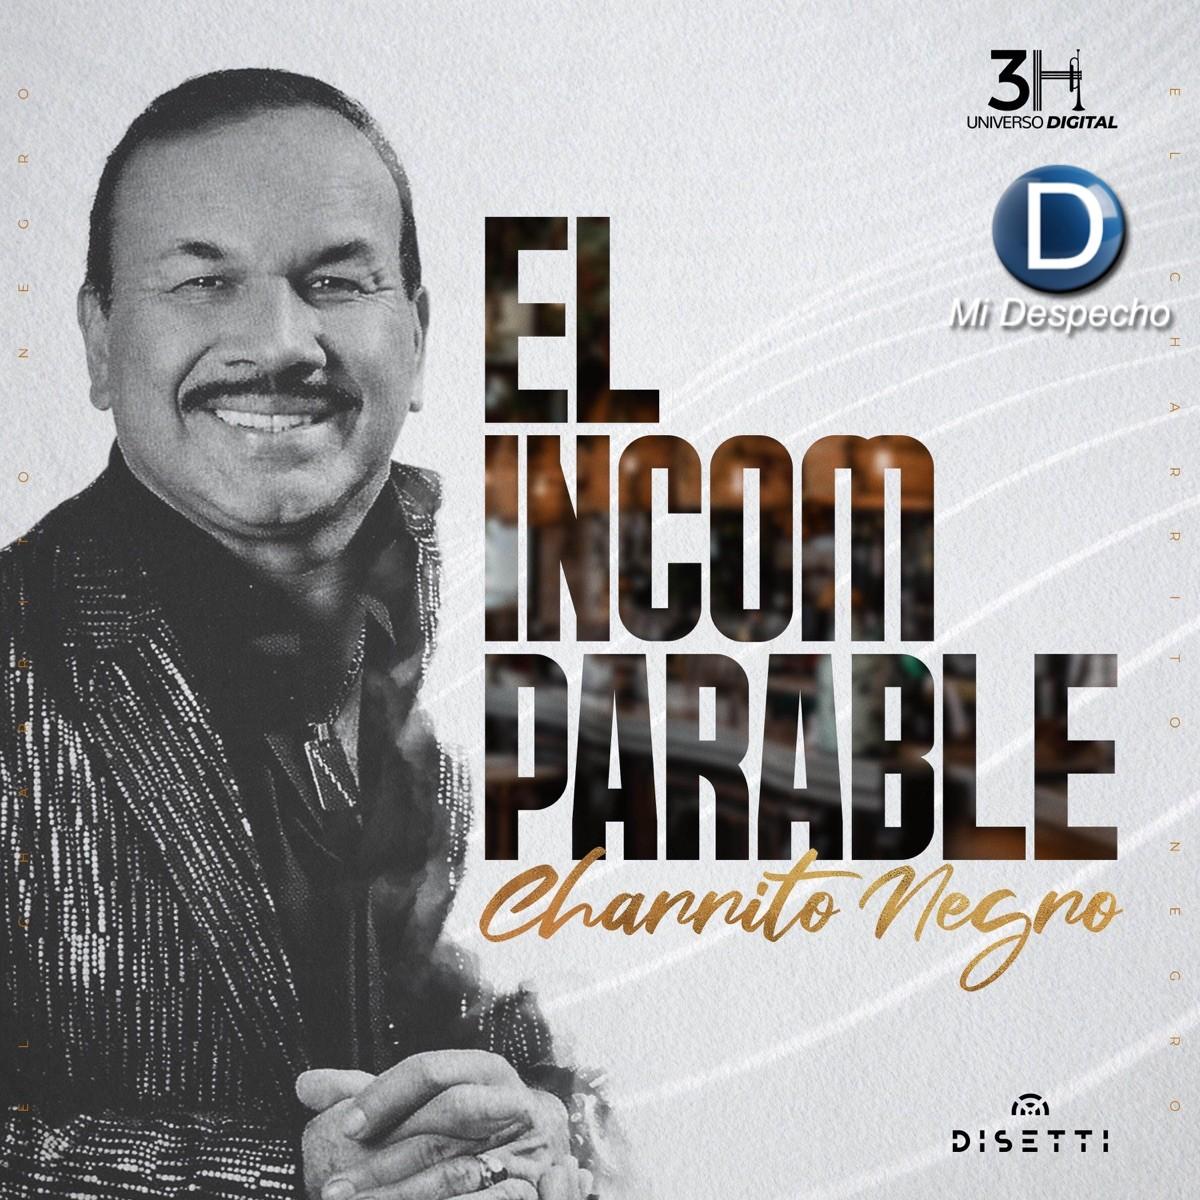 Charrito Negro El Incomparable Charrito Negro Frontal